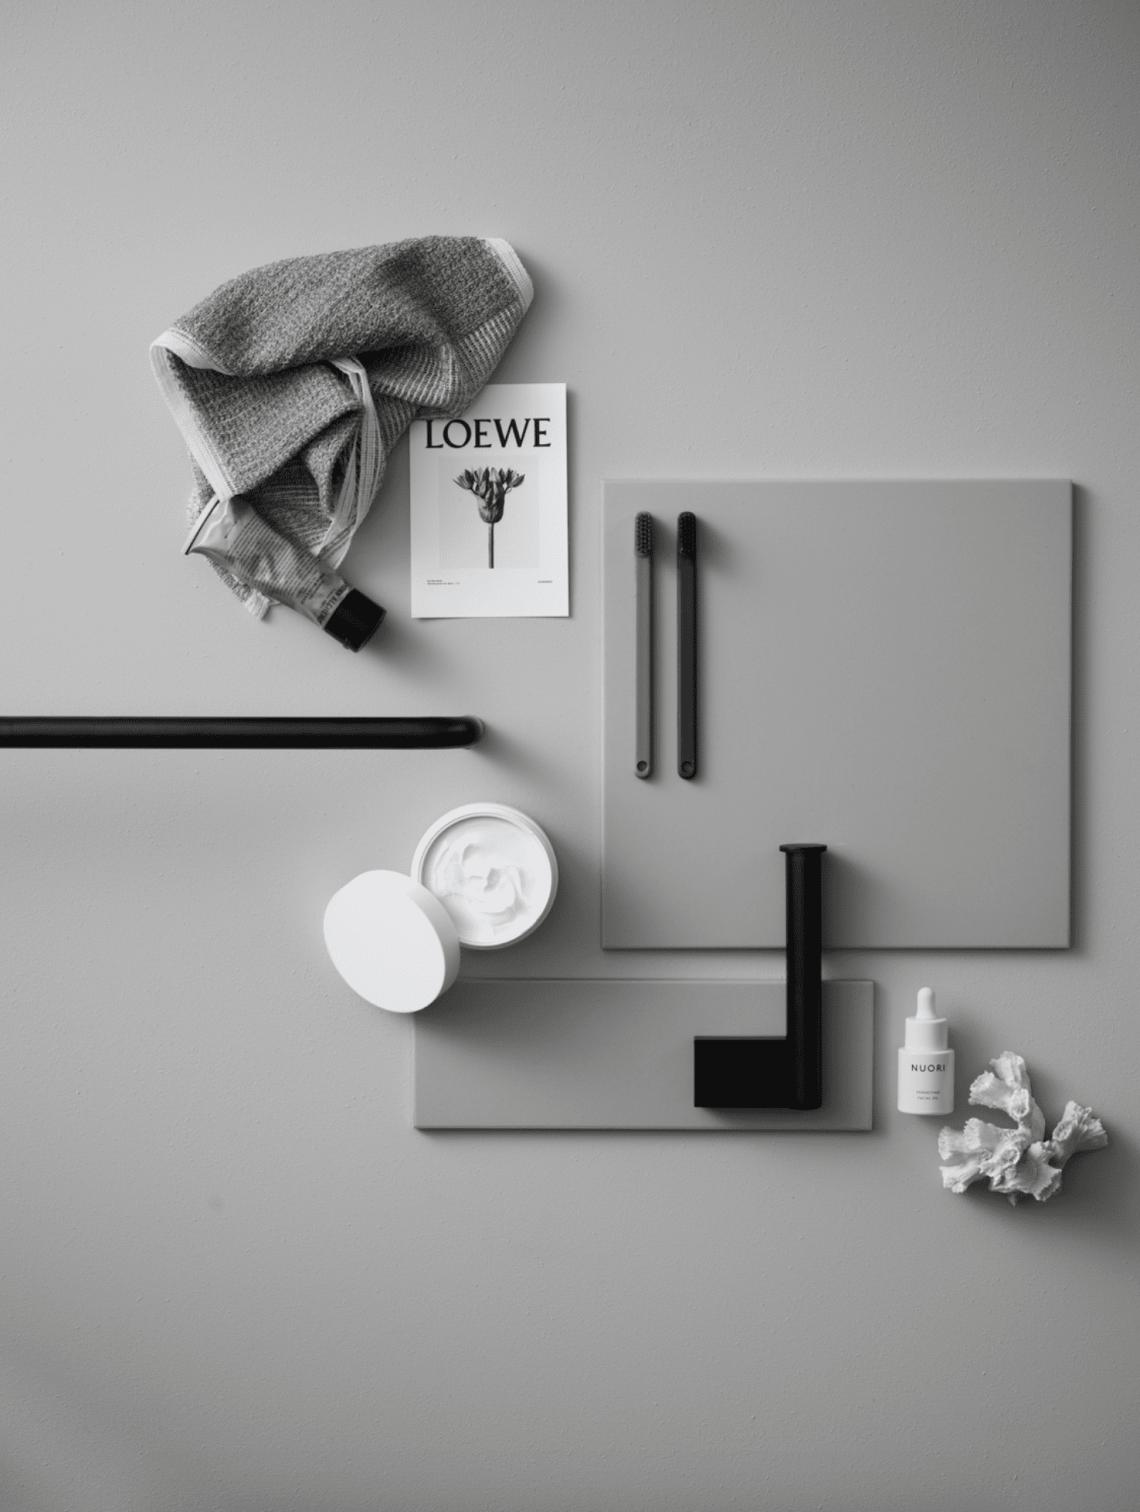 Lagom Bathroom - via Coco Lapine Design blog